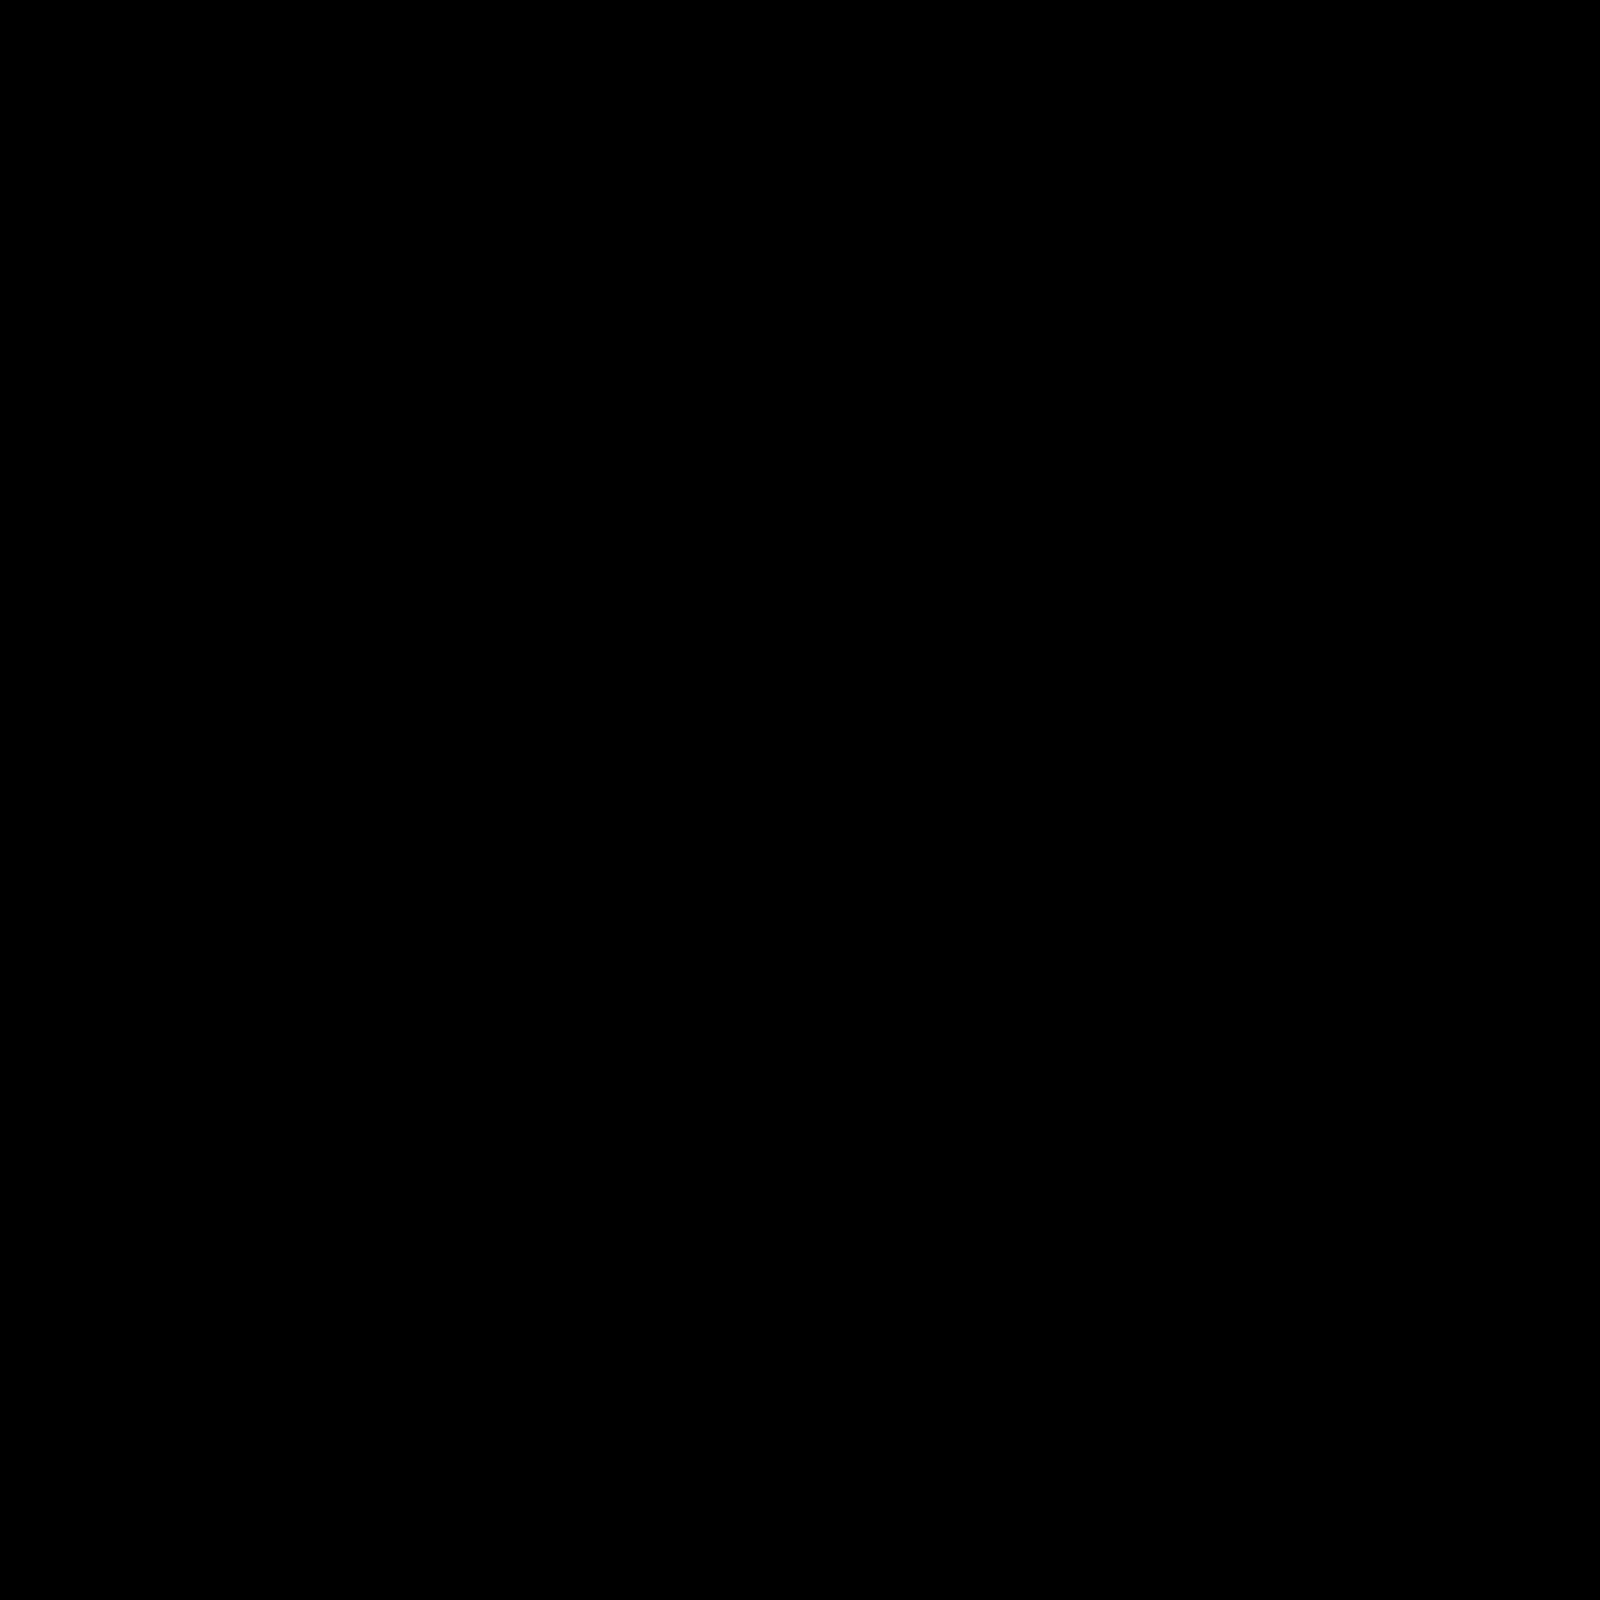 丼 icon. It's a logo of Rice Bowl reduced to an image of a bowl of rice with two chop sticks sticking out. It looks like the logo of a Chinese restaurant nearby my house.